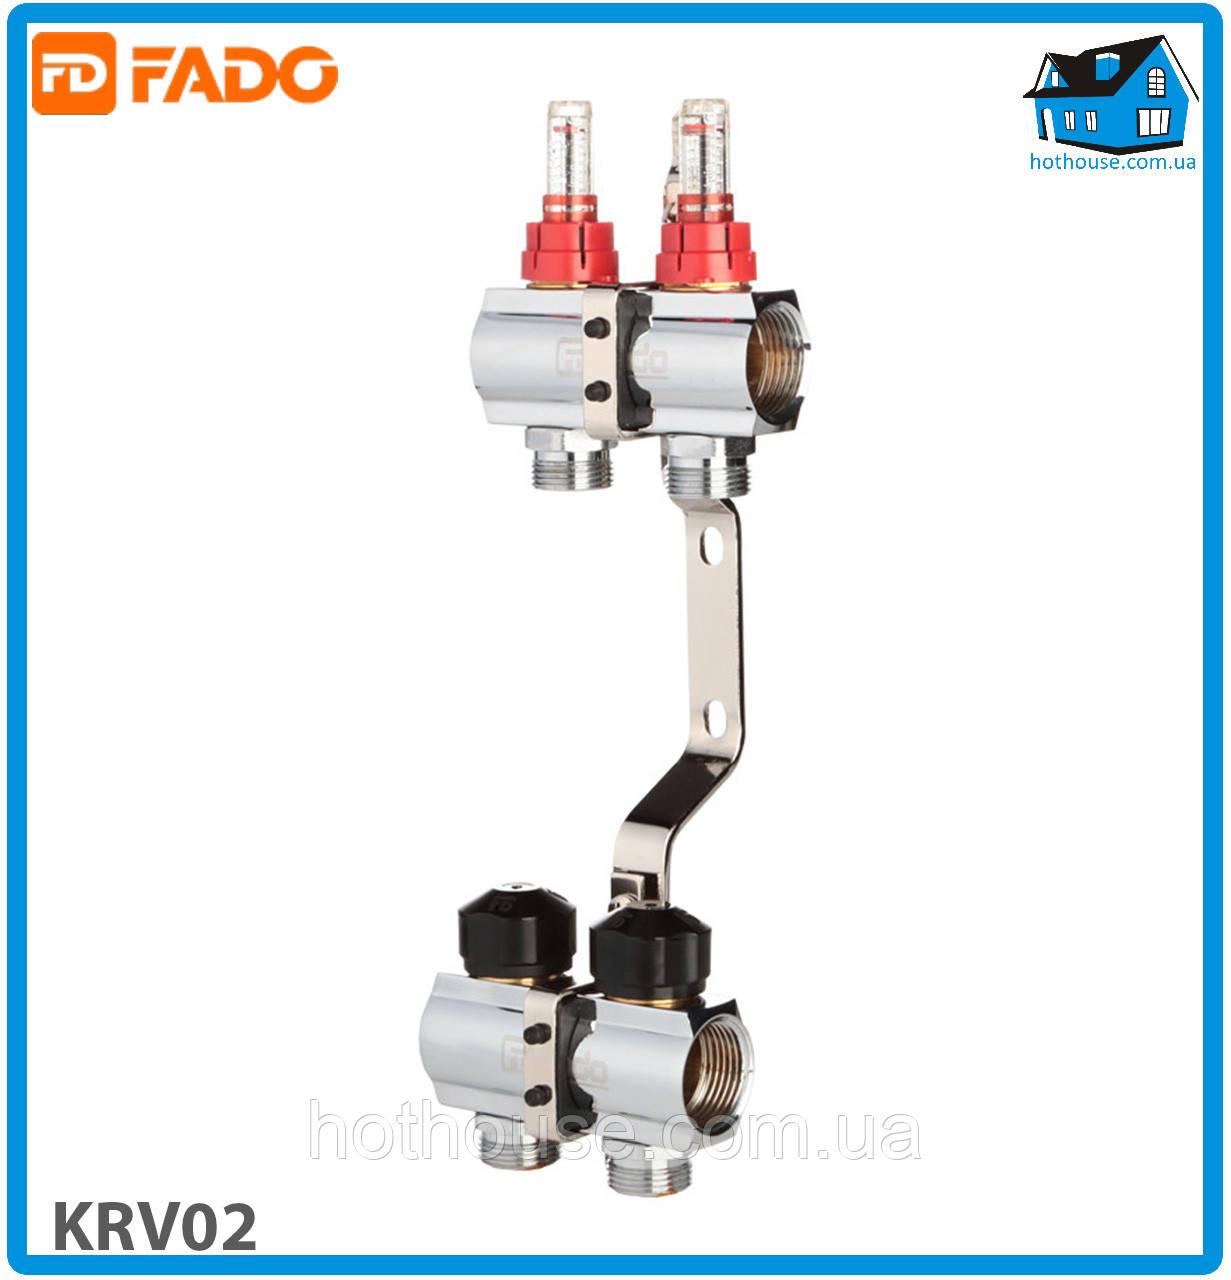 """Колектор з витратомірами FADO FLOOR KRV02 1""""х3/4"""" 2 виходи"""